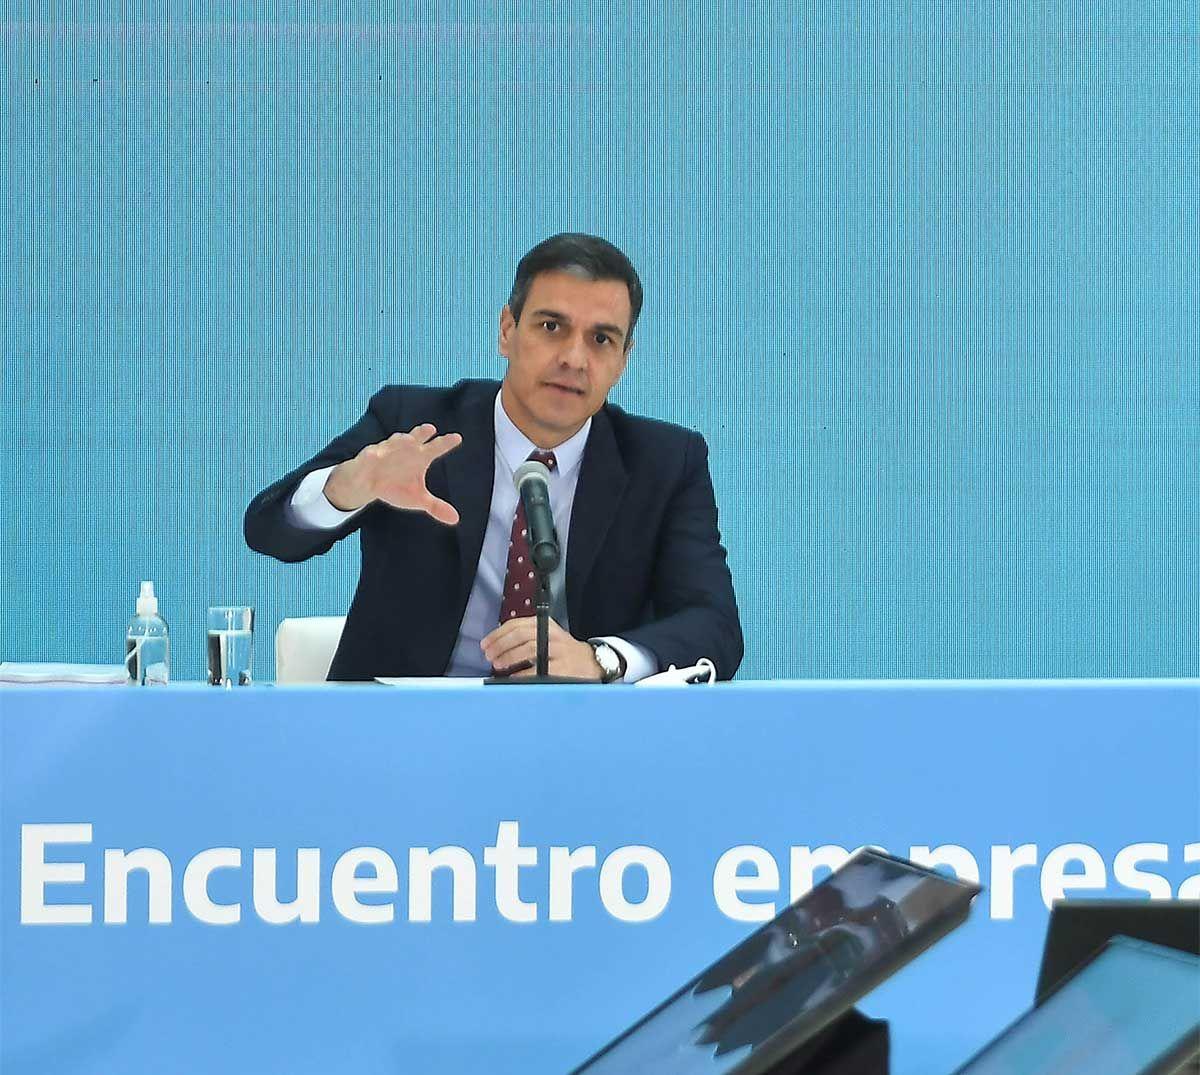 Pedro Sánchez ratificó su respaldo absoluto al país ante el FMI tras reunirse con Alberto Fernández. Foto: NA.